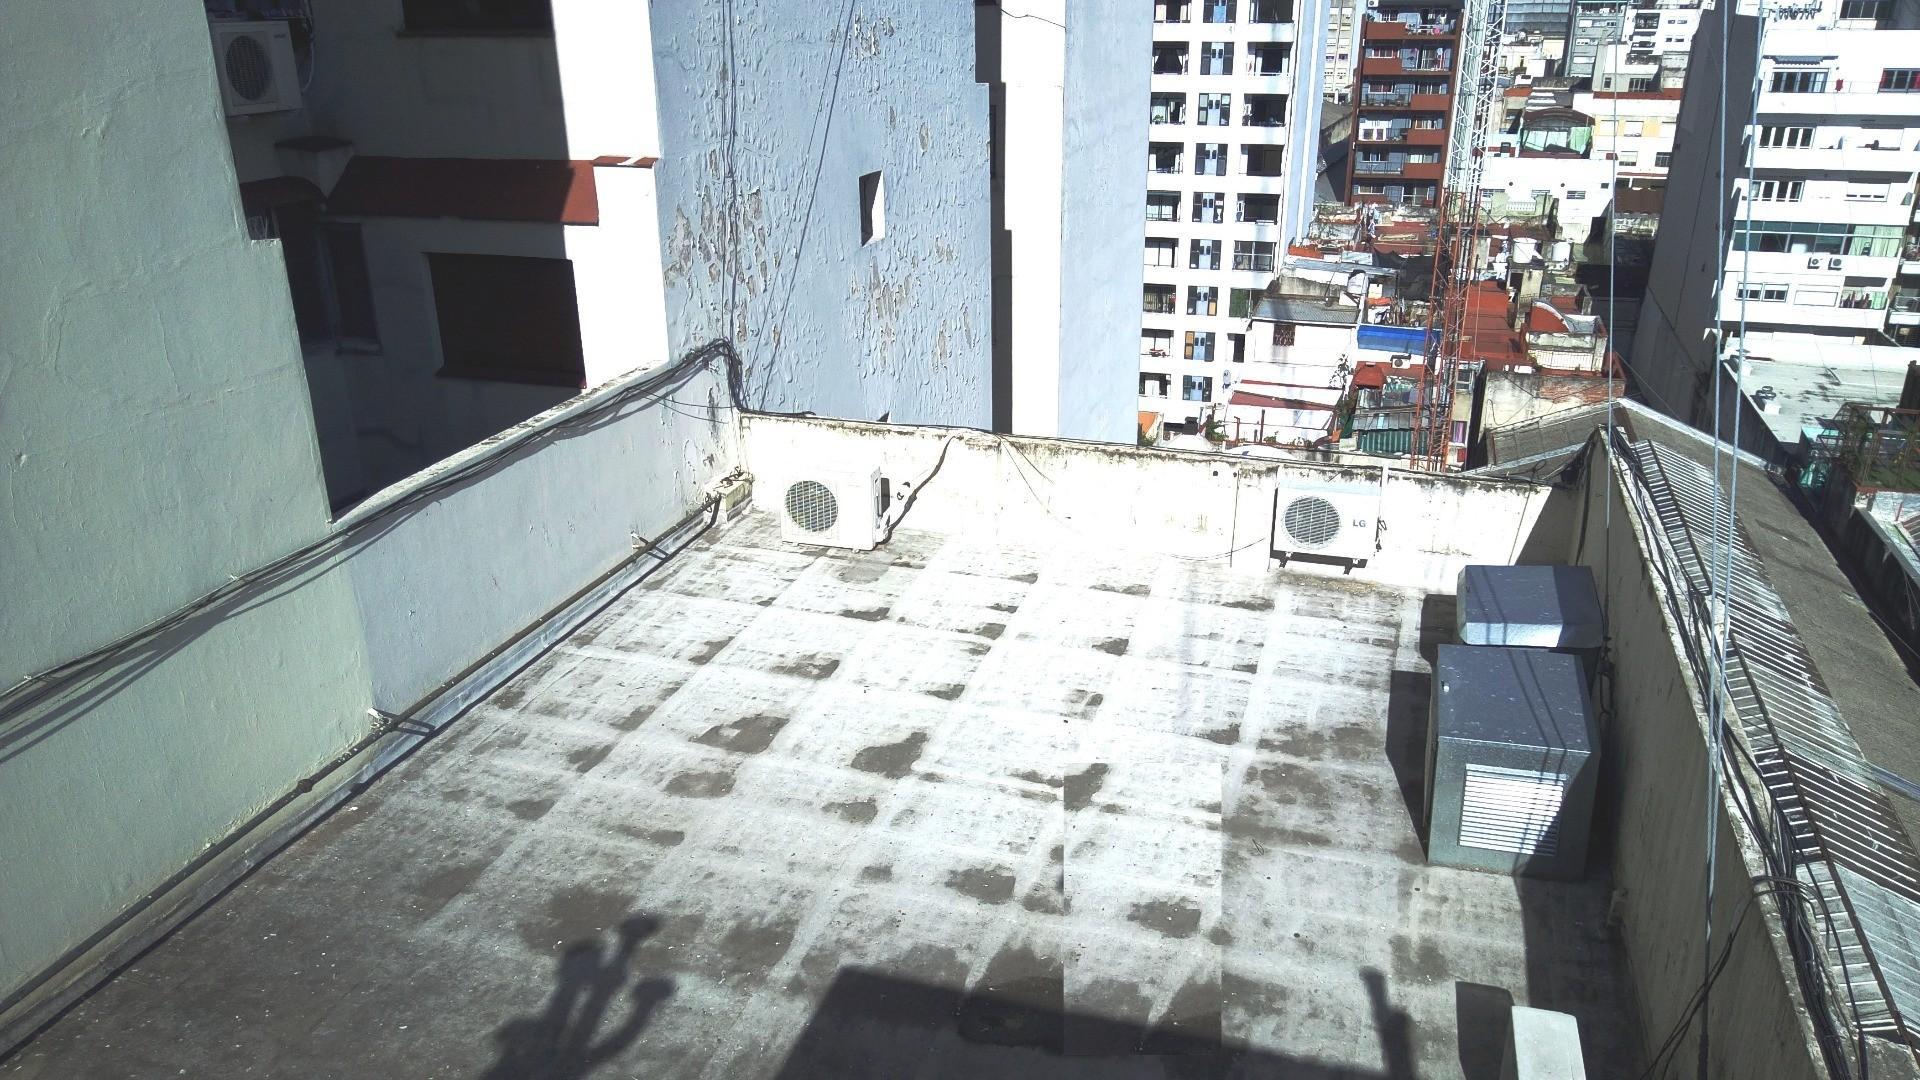 Alquiler de Terraza para antenas de telefonía o empresas de televisión  Av. Córdoba y Agüero.